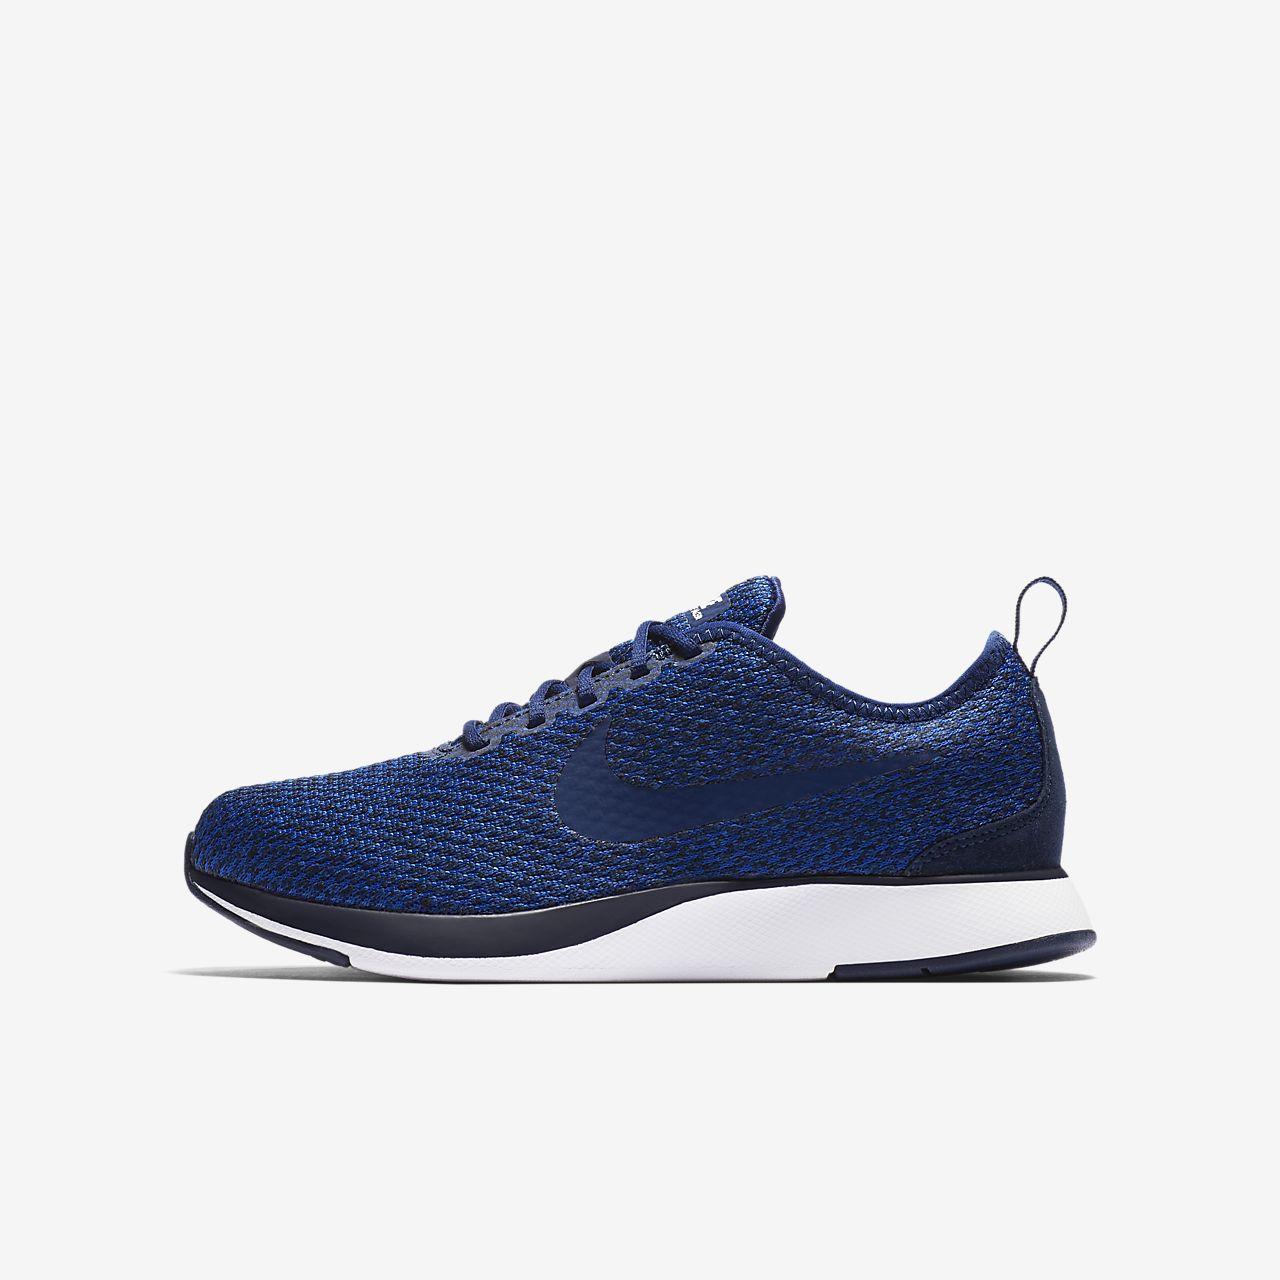 ... Chaussure Nike Dualtone Racer SE pour Enfant plus âgé